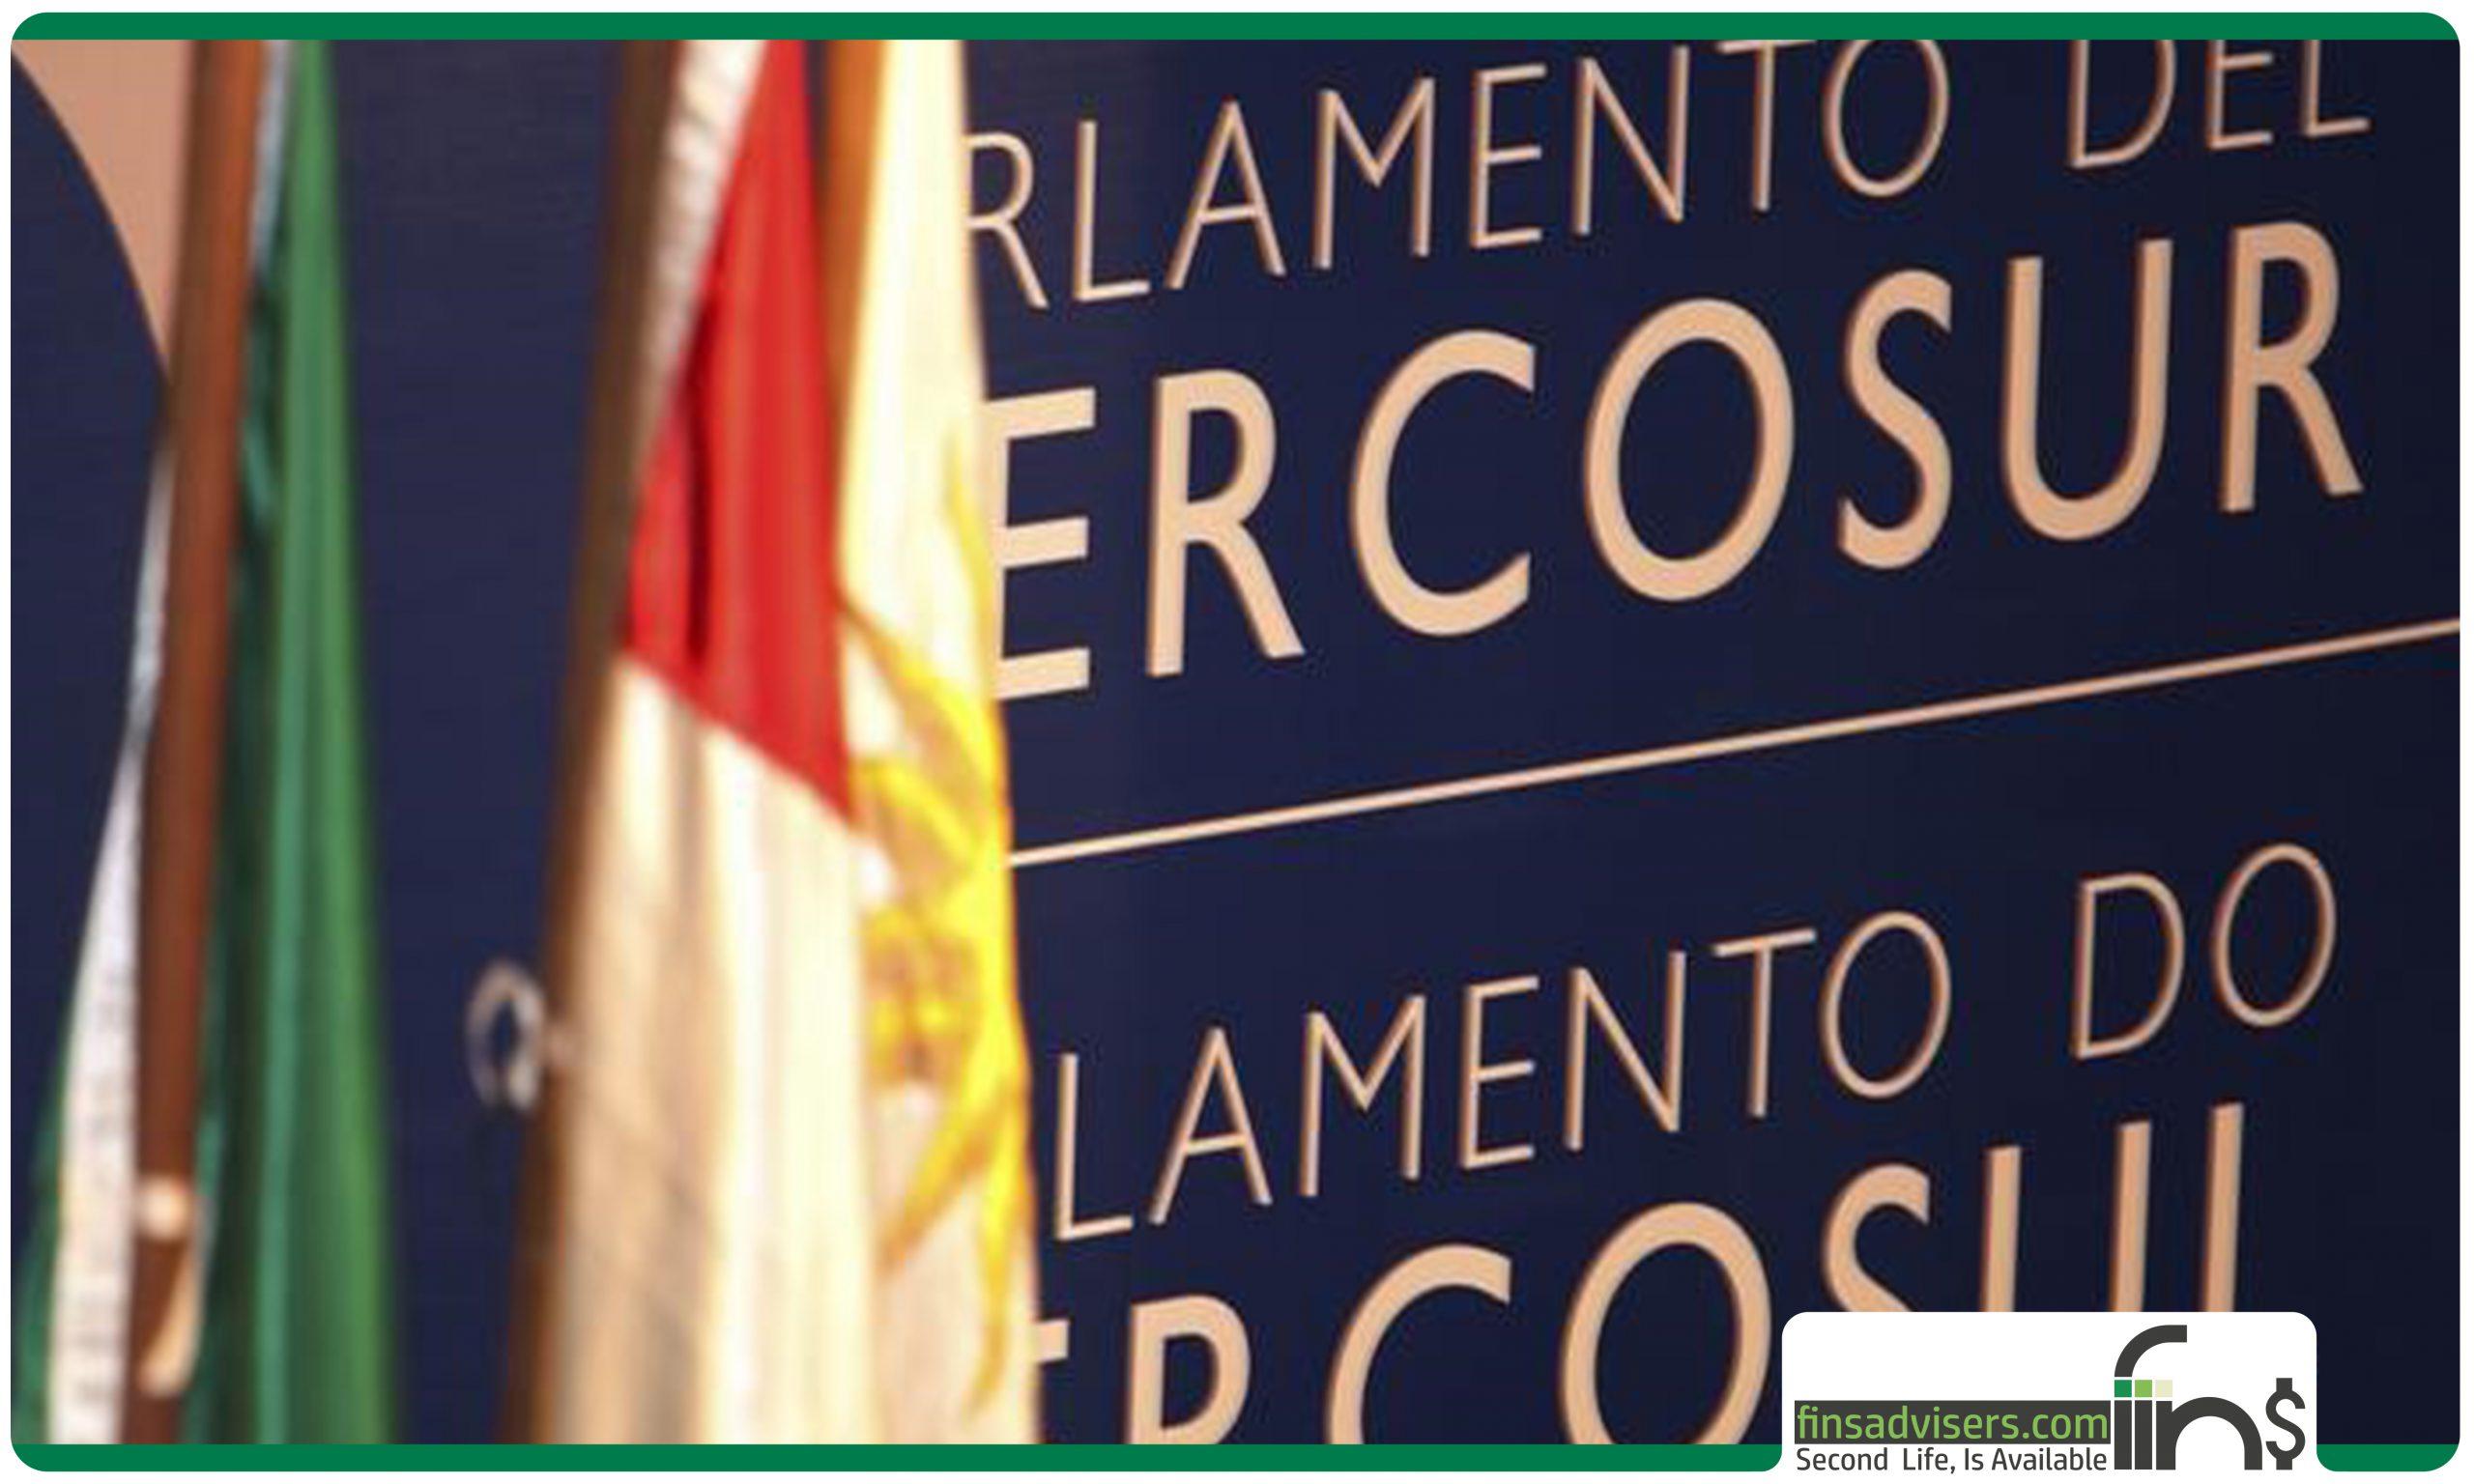 پیمان تجارت آزاد اتحادیه اروپا و کشورهای آمریکای جنوبی